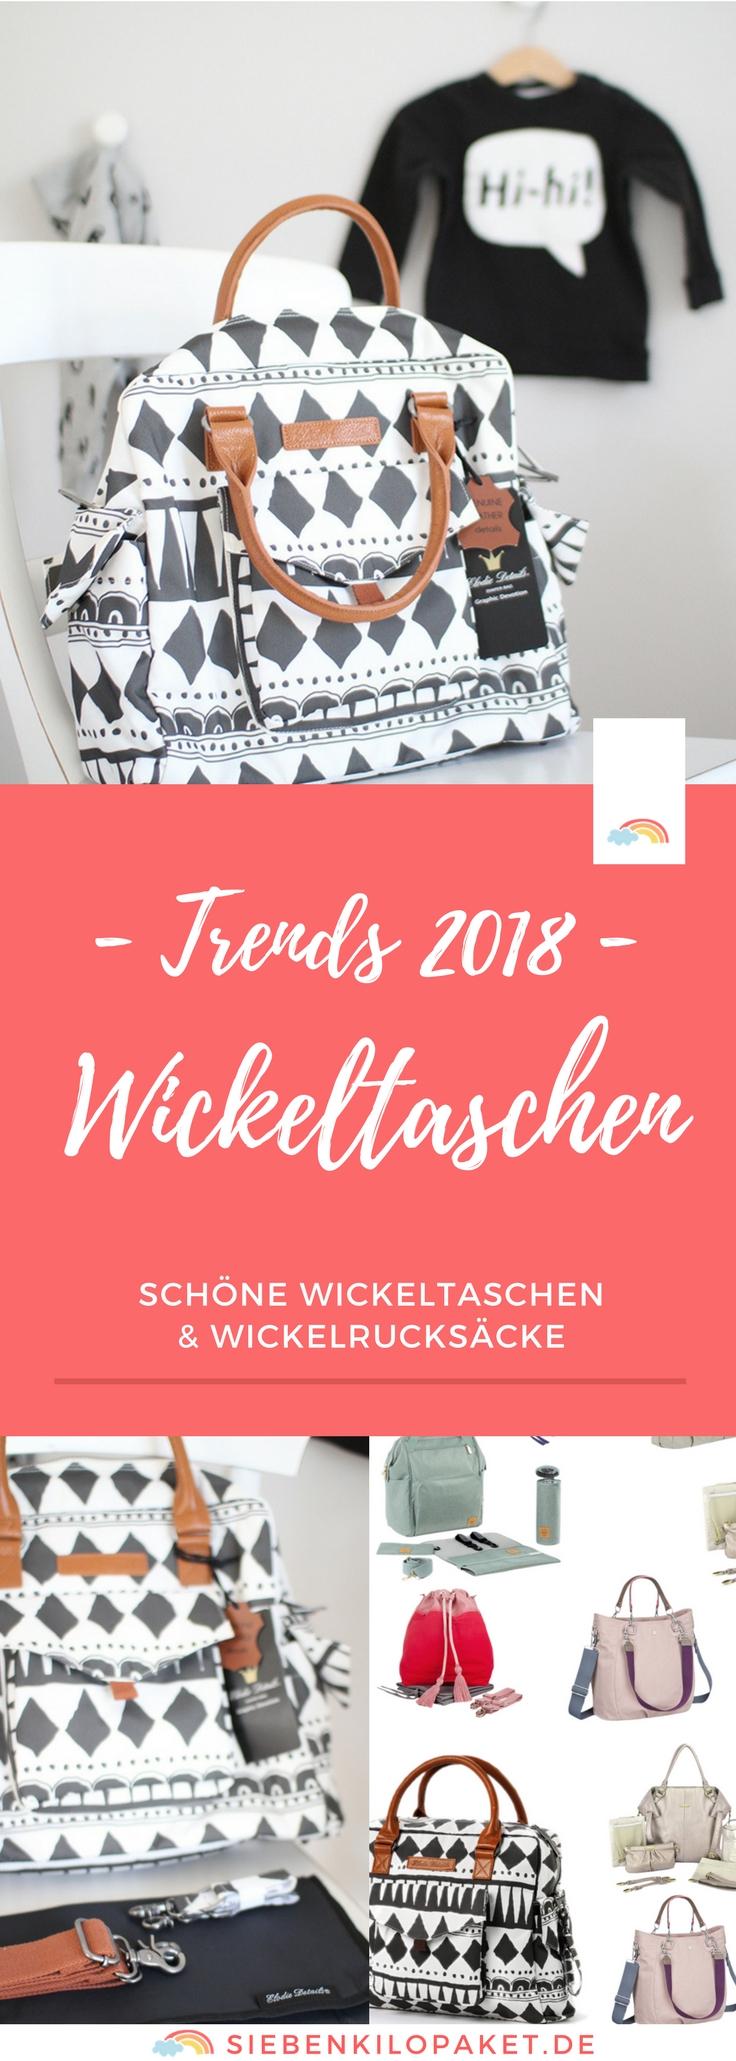 Trends 2018: schöne Wickeltaschen & Wickelrucksäcke für die stylischen Mamas - modische, ausgefallene und moderne Taschen für die Wickelzeit #wickeltasche #wickeln #kleinkind #babyausstattung #erstausstattung